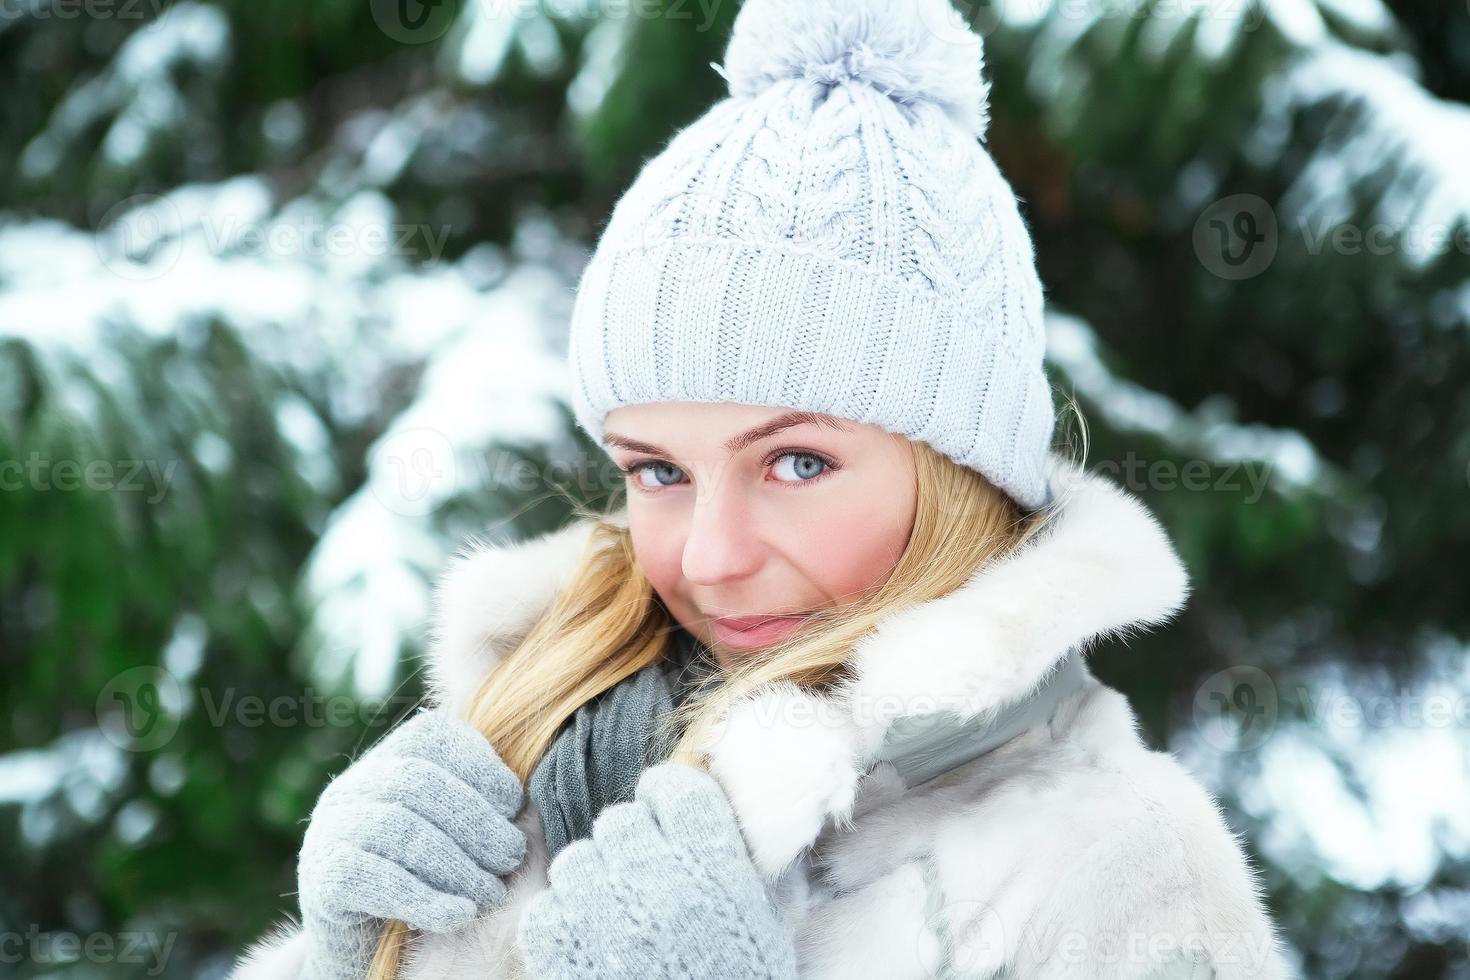 vacker flicka i vinter park foto